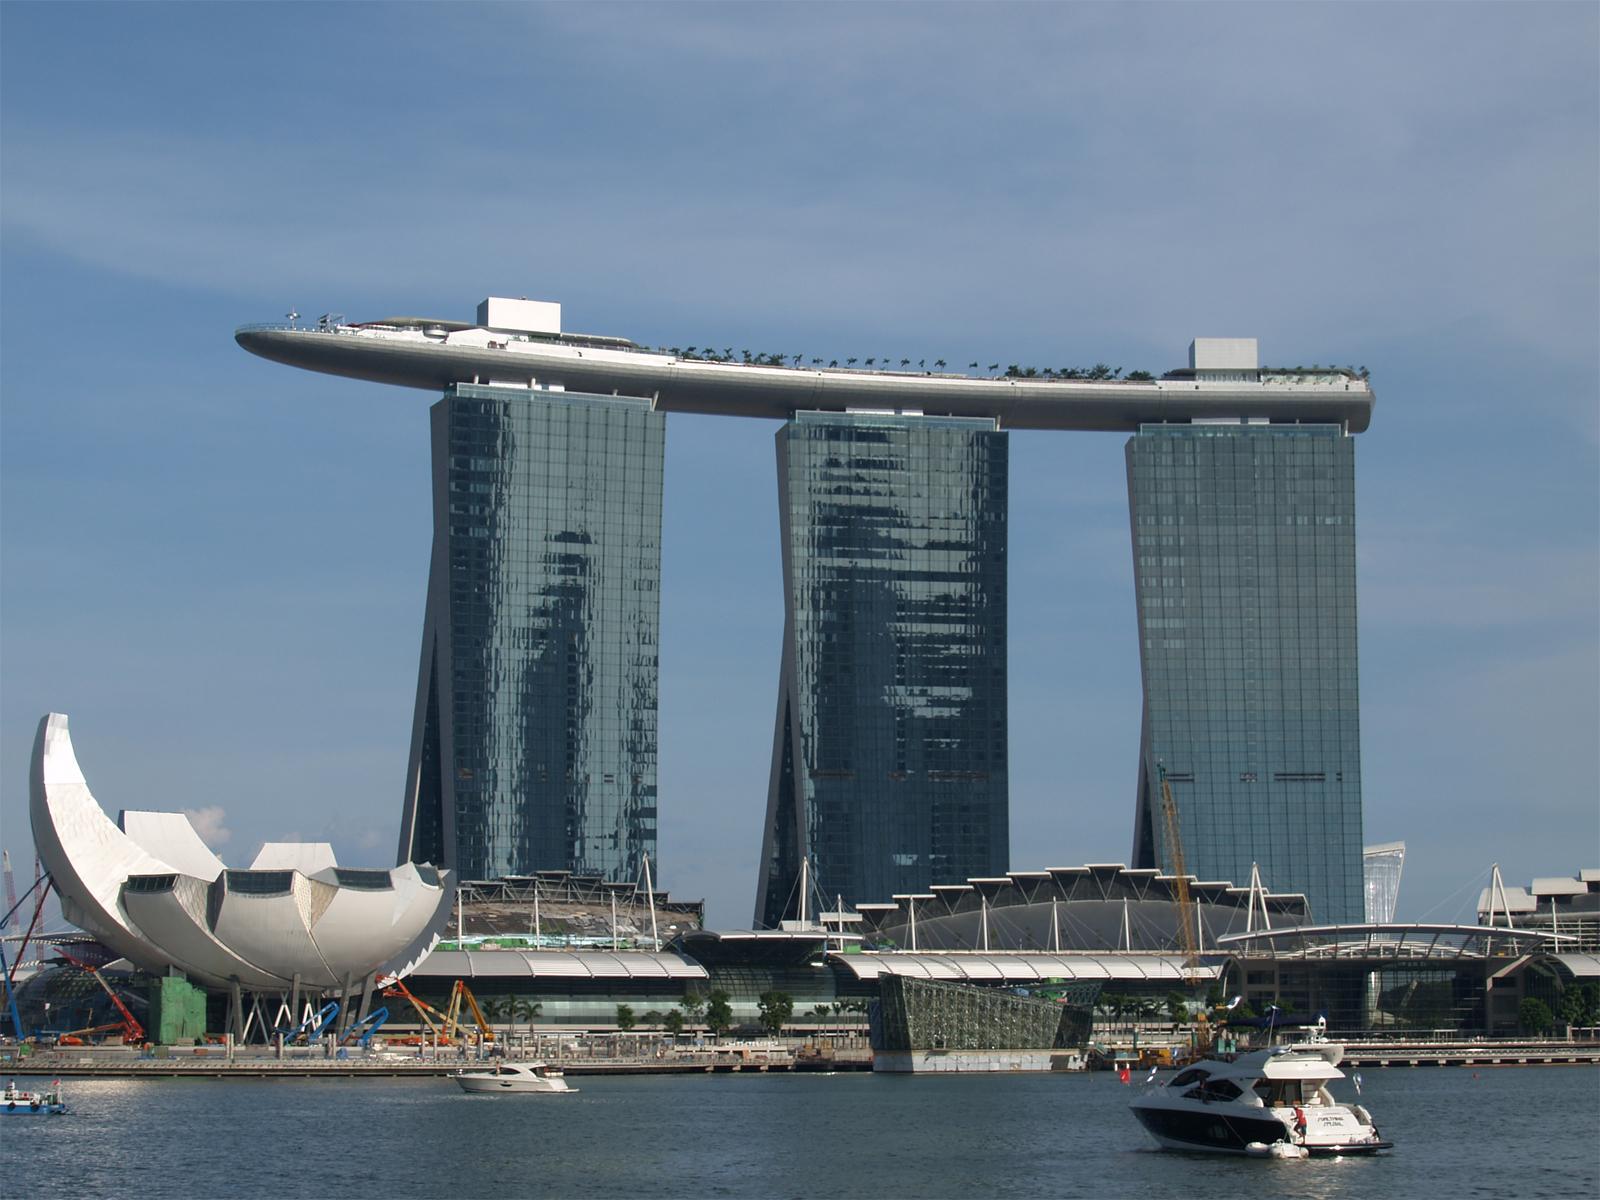 シンガポールの首都や歴史をチェック!言語も知って観光を満喫♪